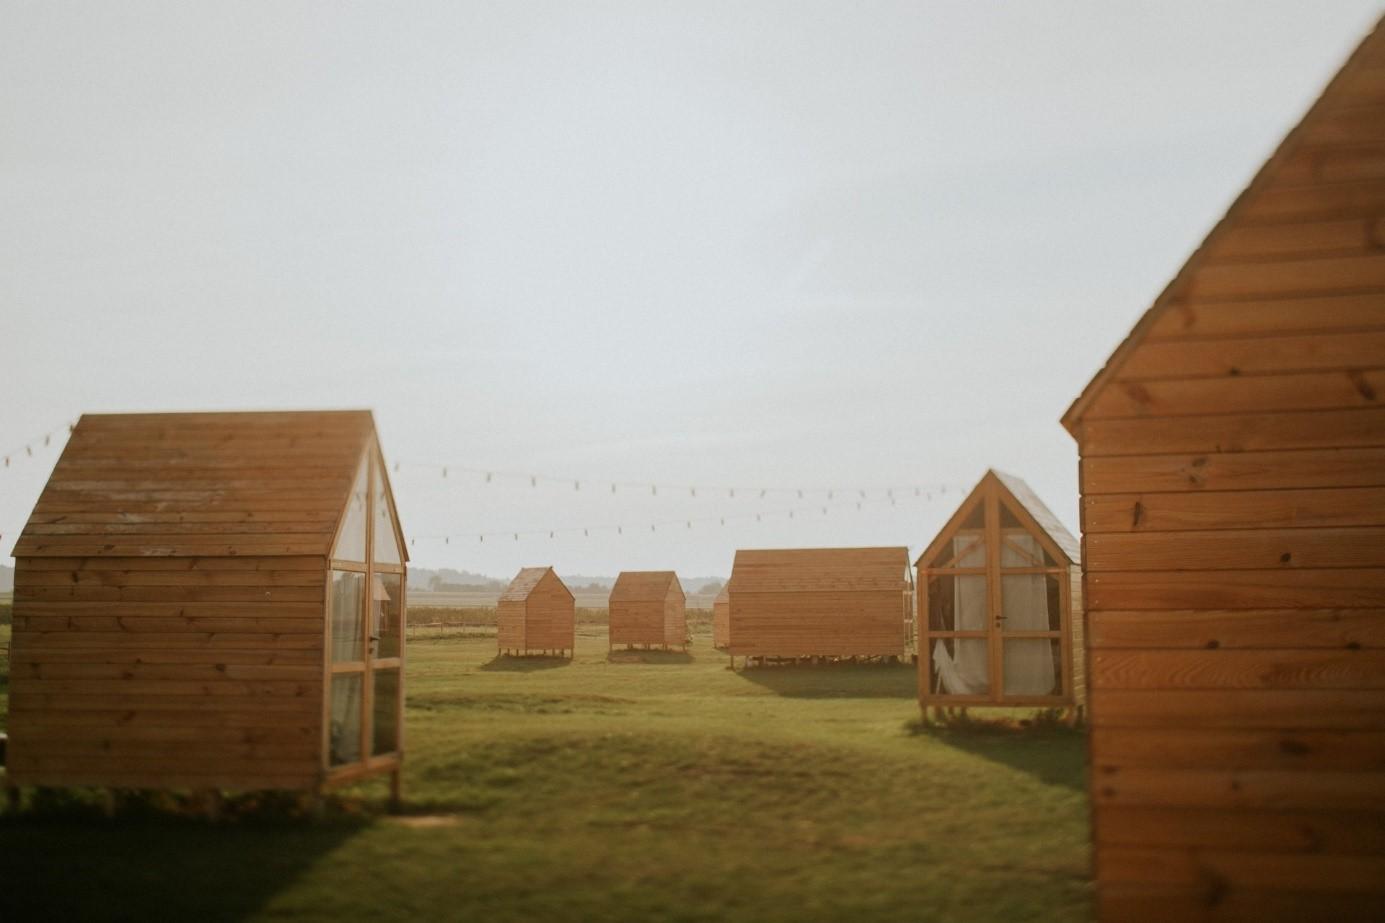 nietypowe-miejsca-w-polsce-folwark-ruchenka-noclegi